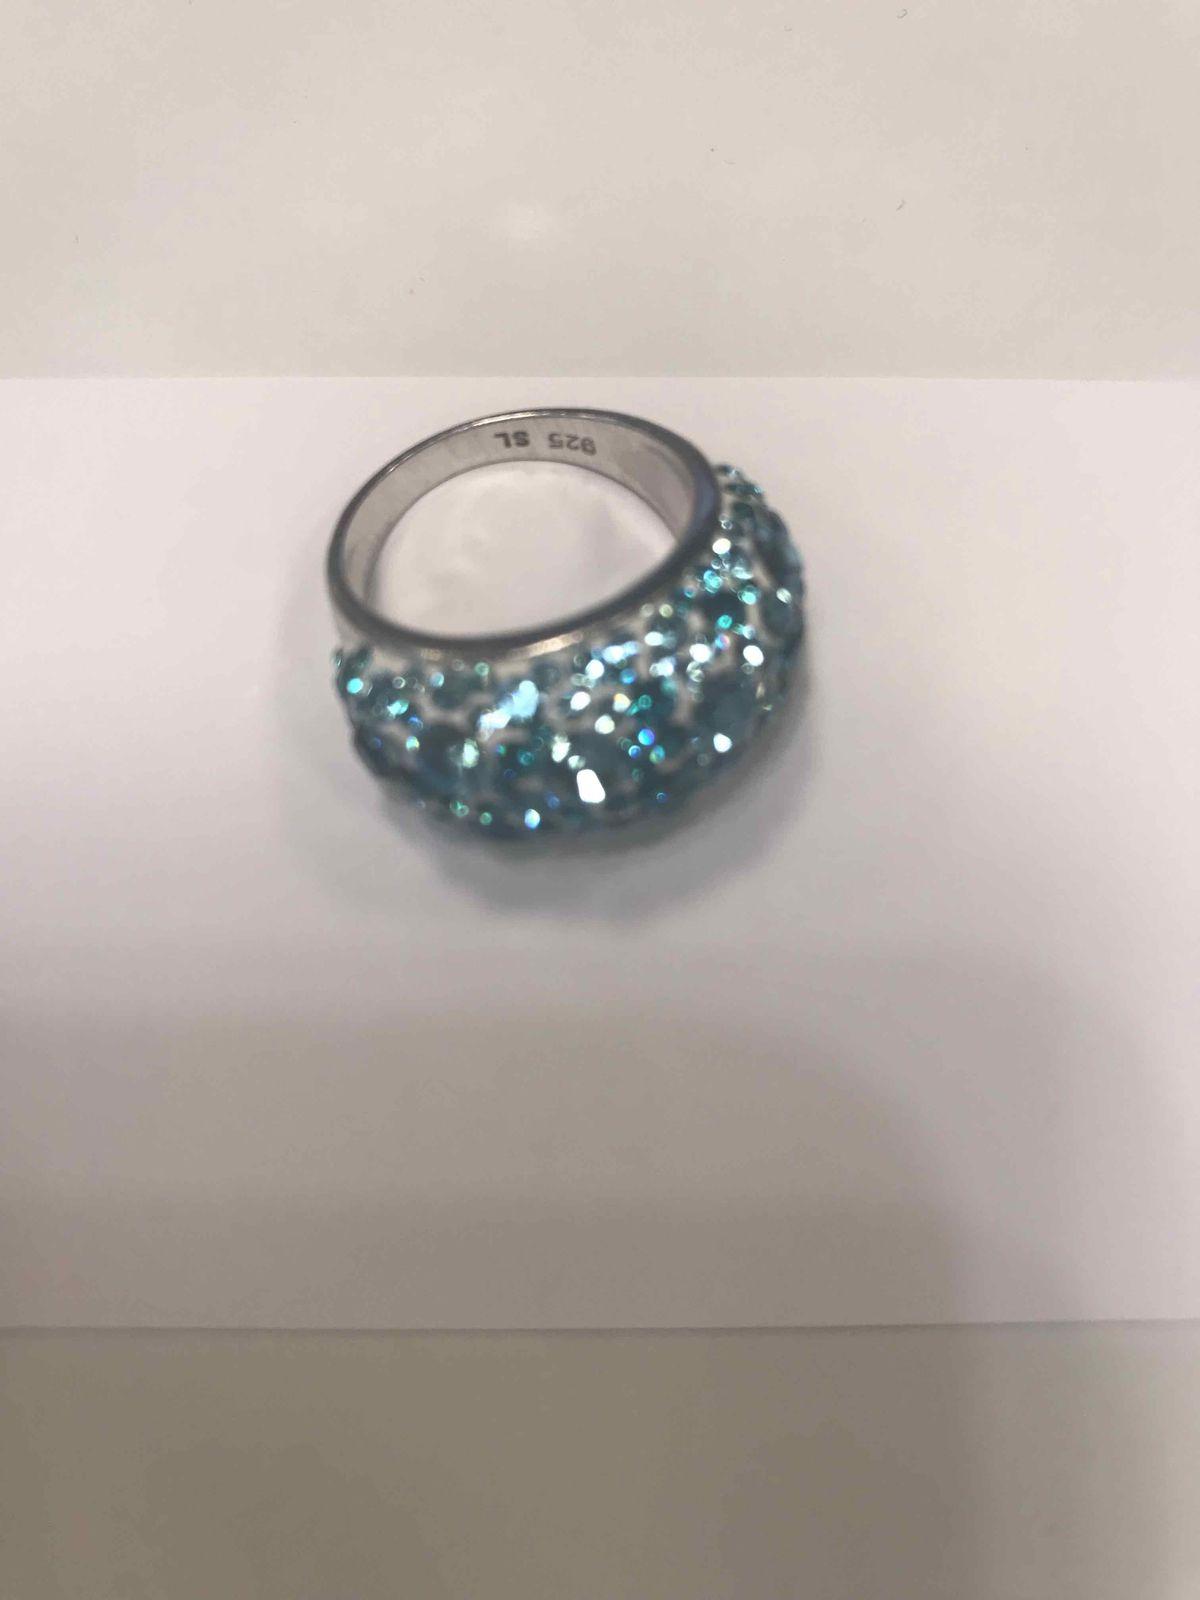 Кольцо серебряное с голубыми кристаллами Сваровски